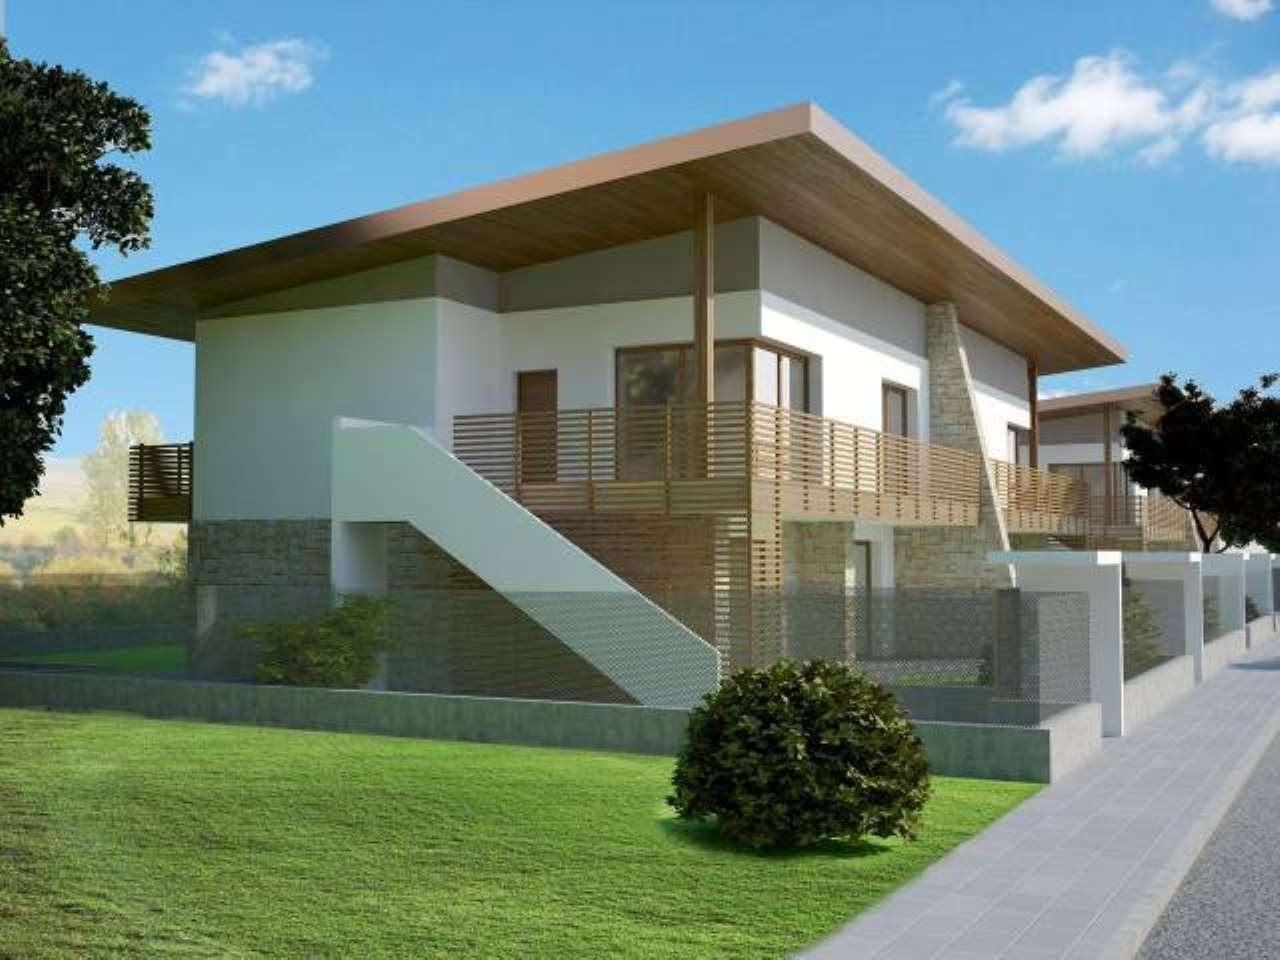 Appartamento in vendita a Mapello, 4 locali, prezzo € 250.000 | CambioCasa.it